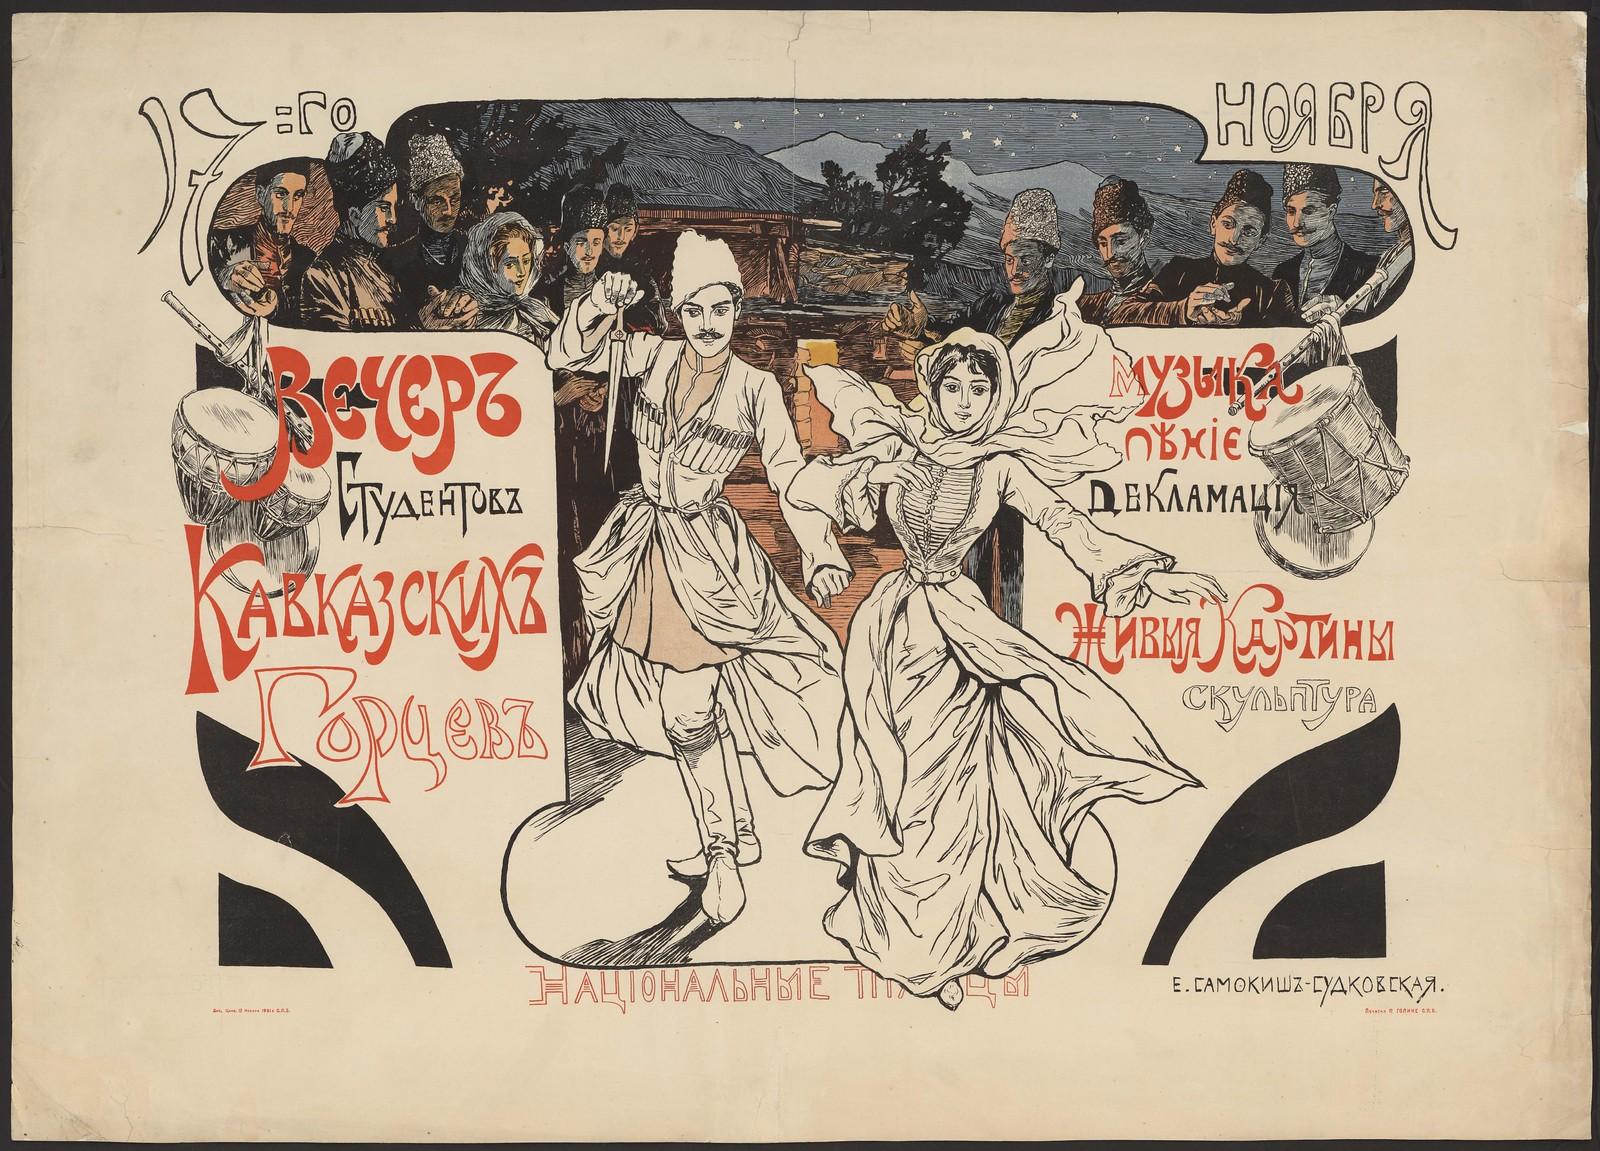 1901. Вечер студентов кавказских горцев. Музыка, пение, декламация, живые картины, скульптура, национальные танцы. 17 ноября